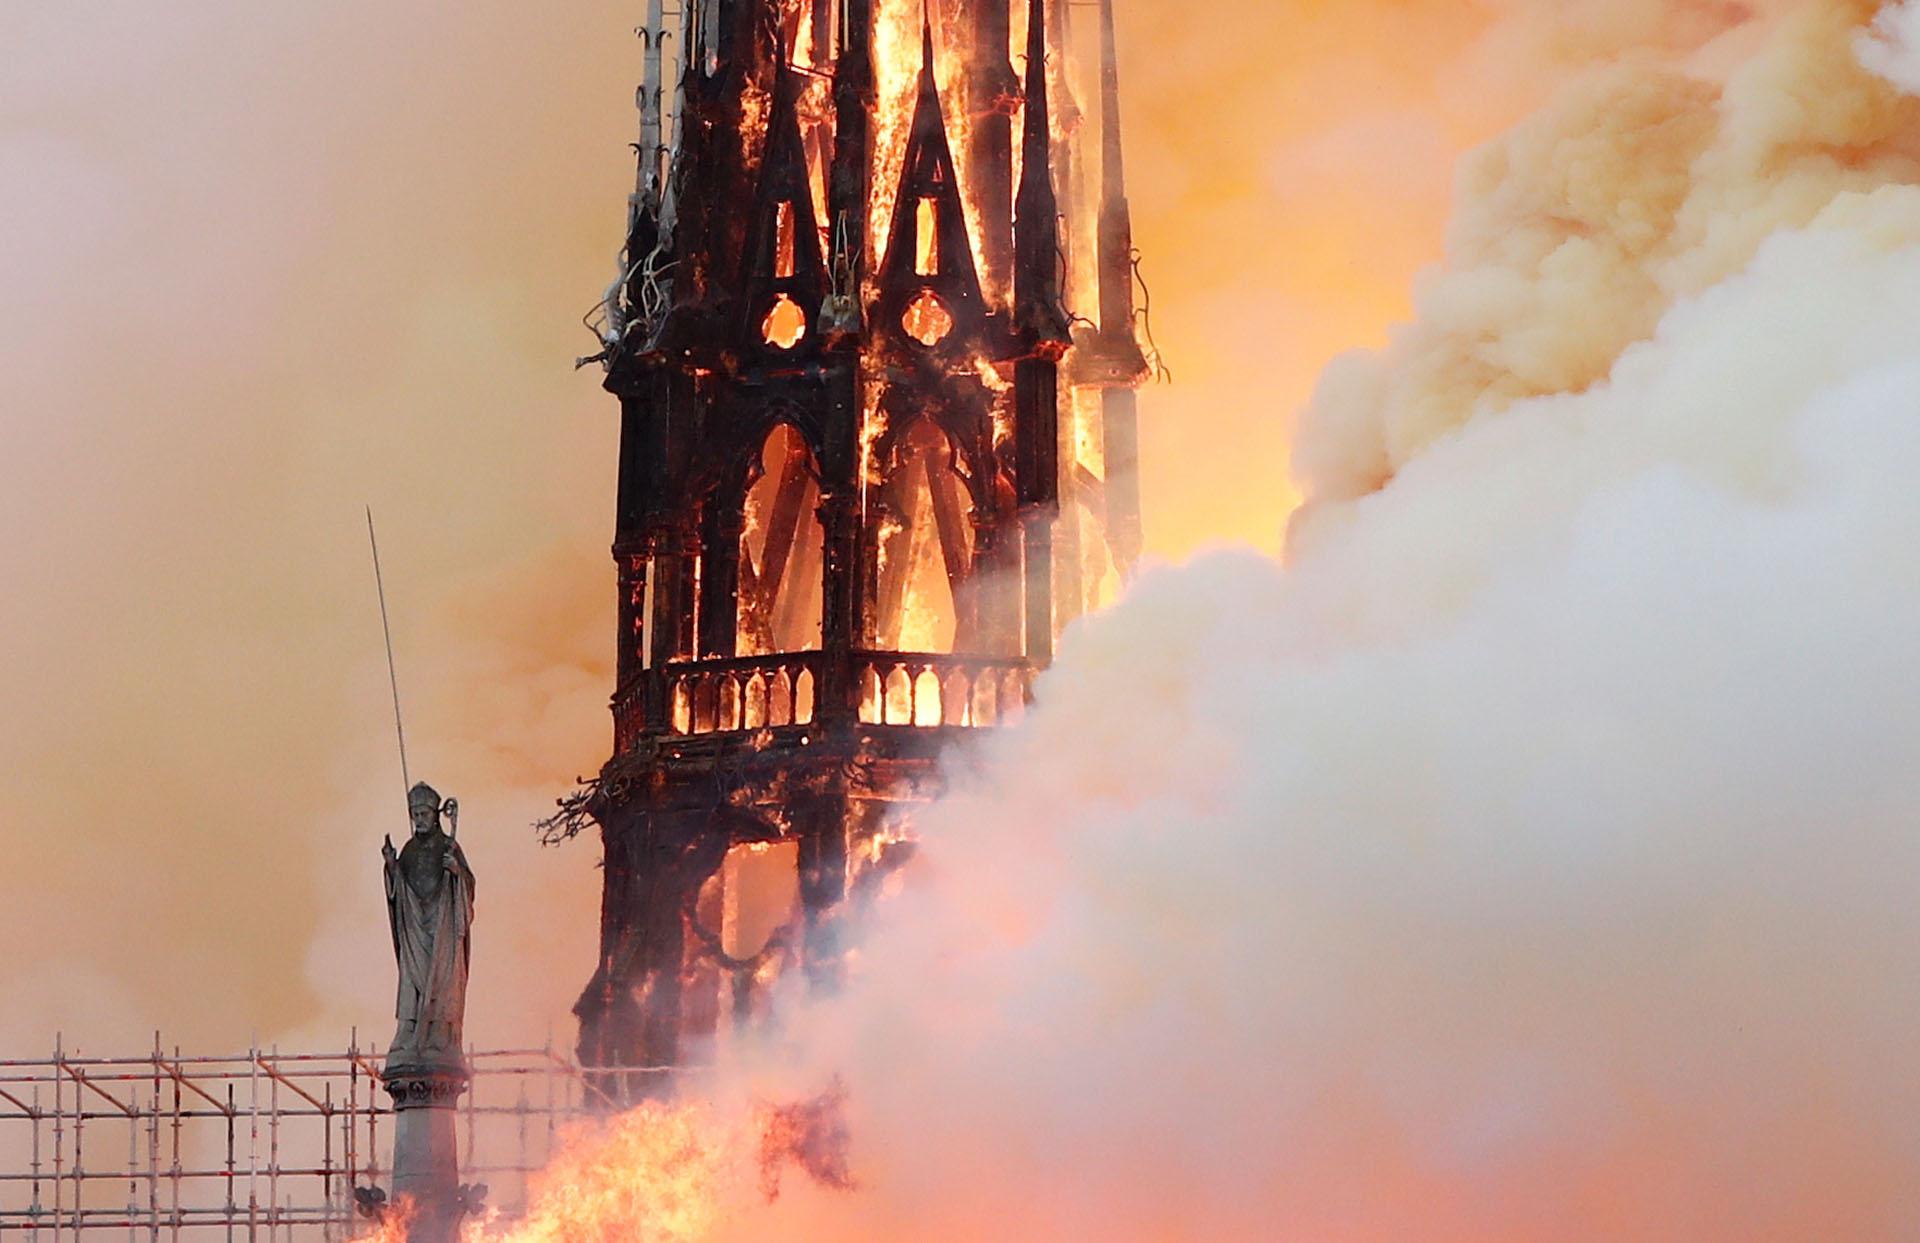 Distintos jefes de estado en todo el mundo lamentaron el incendio (Foto: REUTERS/Benoit Tessier)